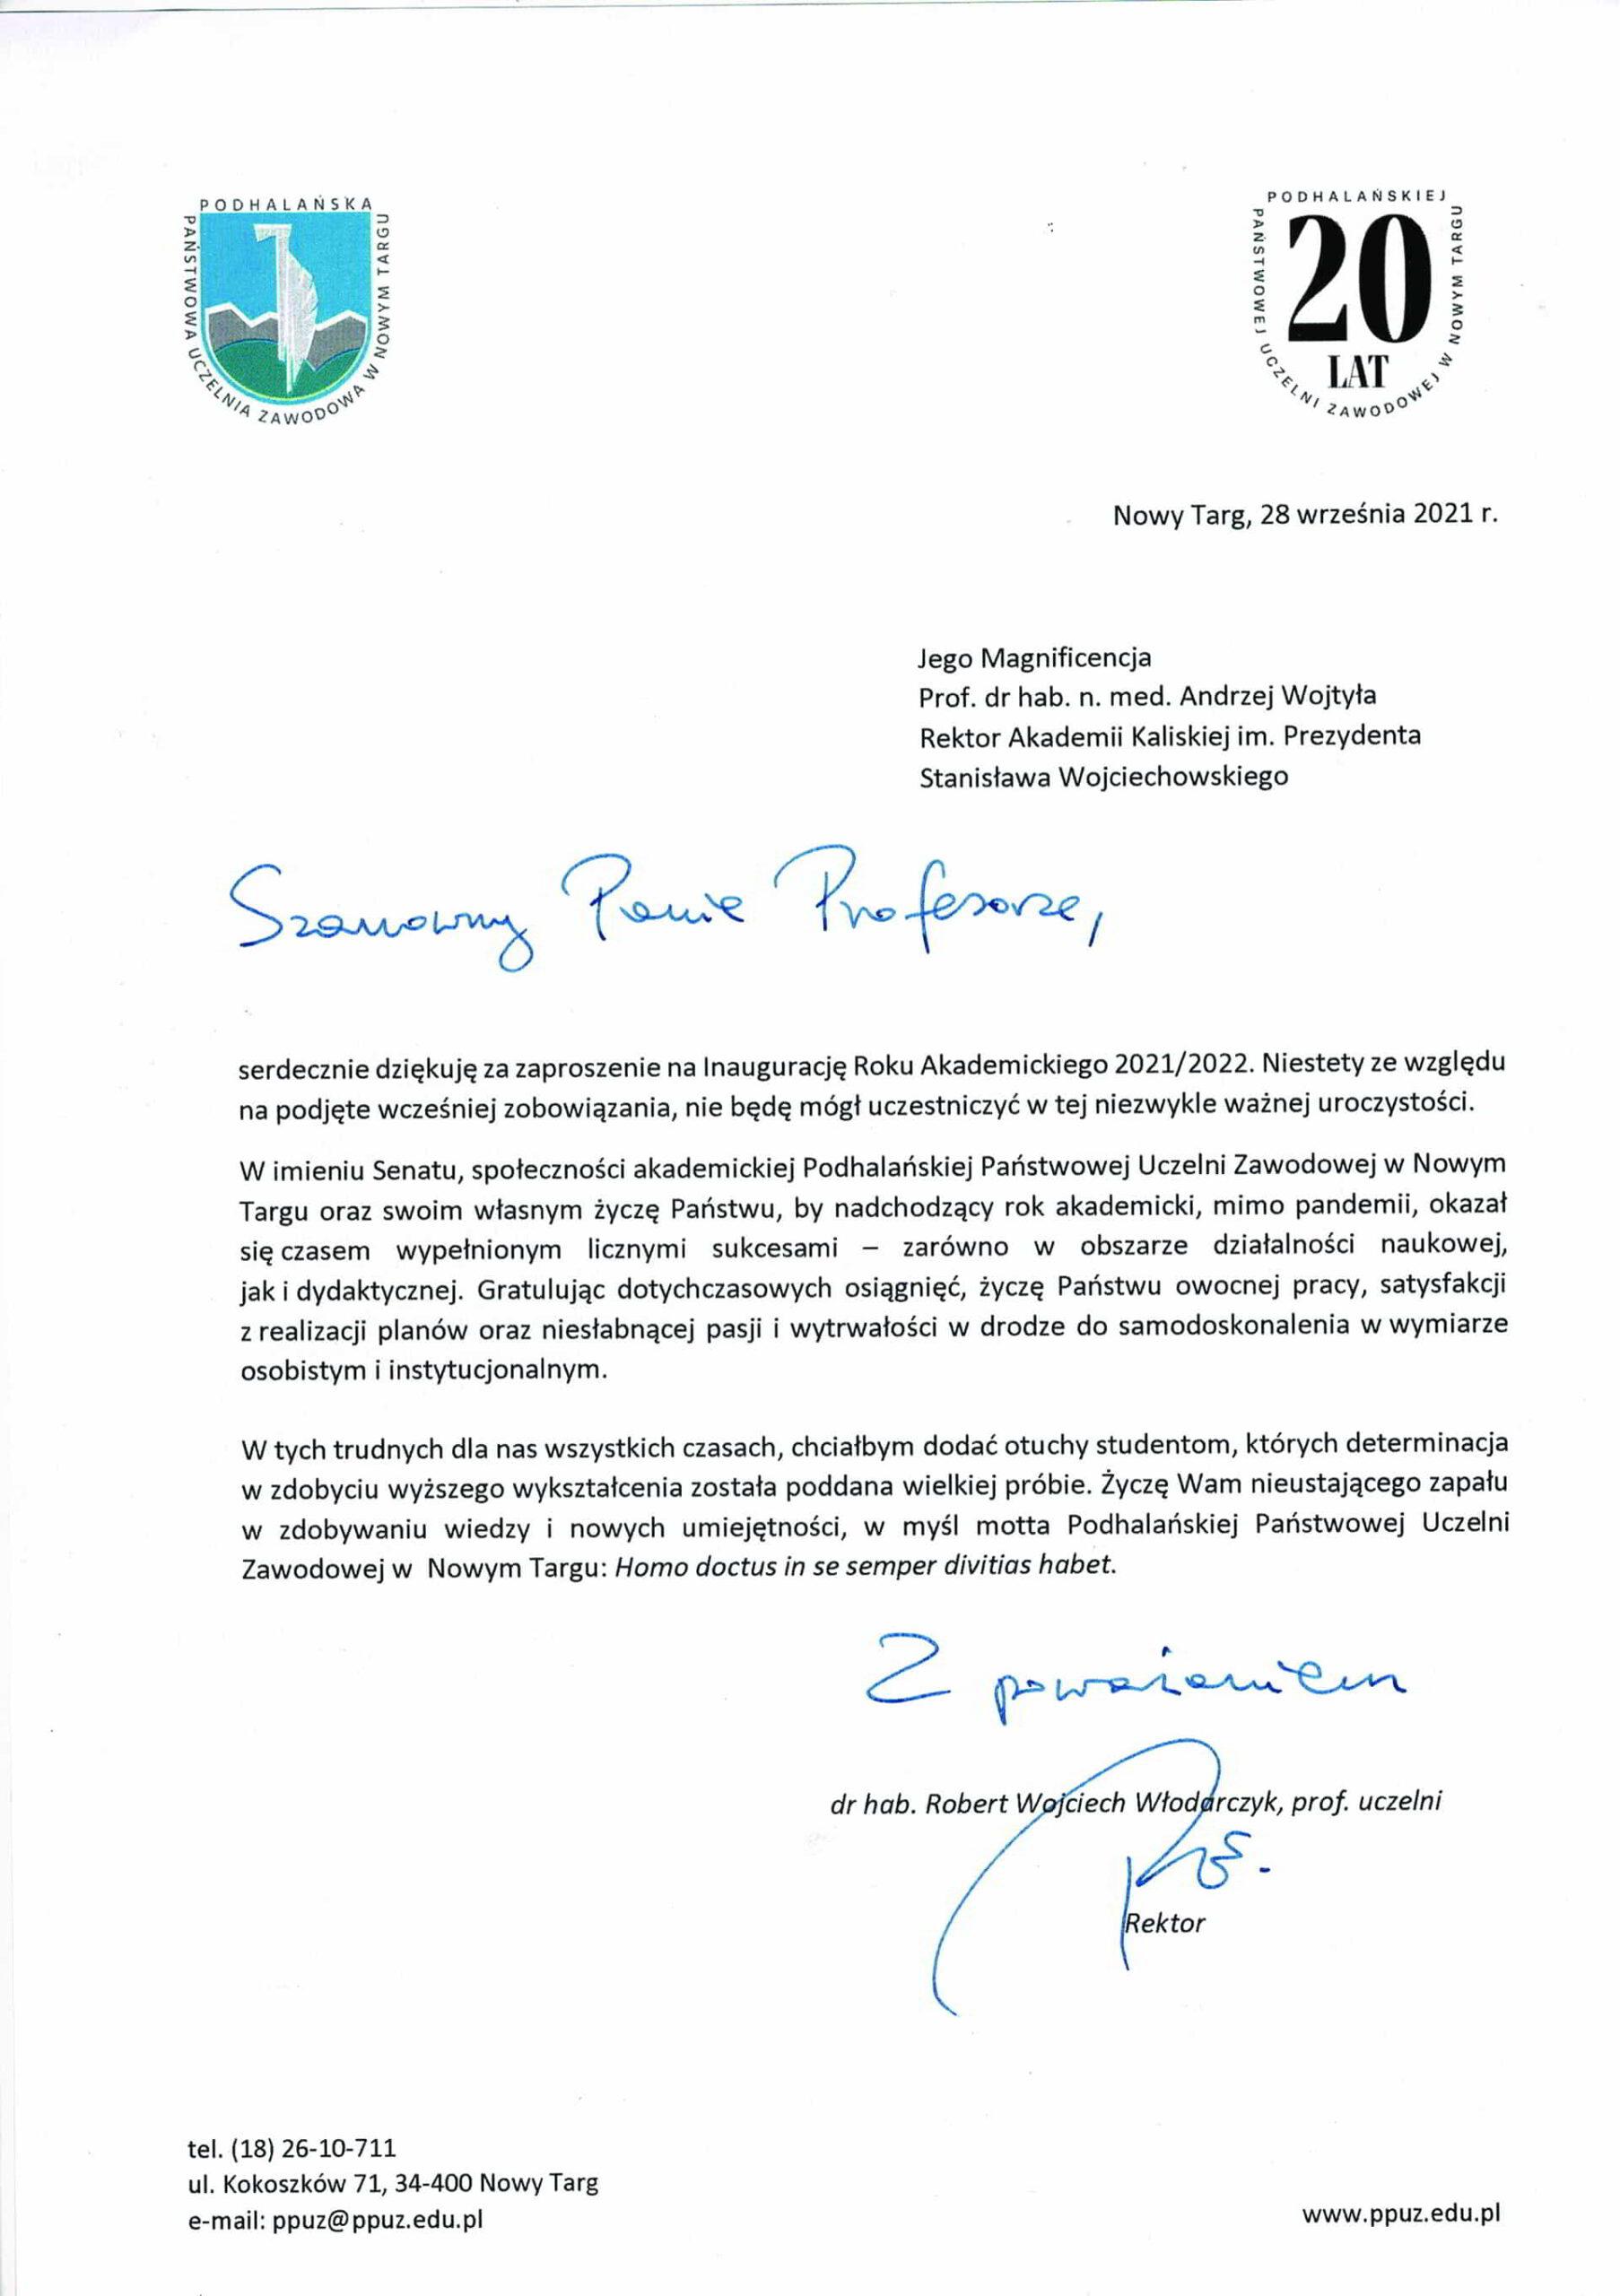 życzenia inauguracja roku akademickiego 2021/2022 Rektor PPUZ w Nowym Targu